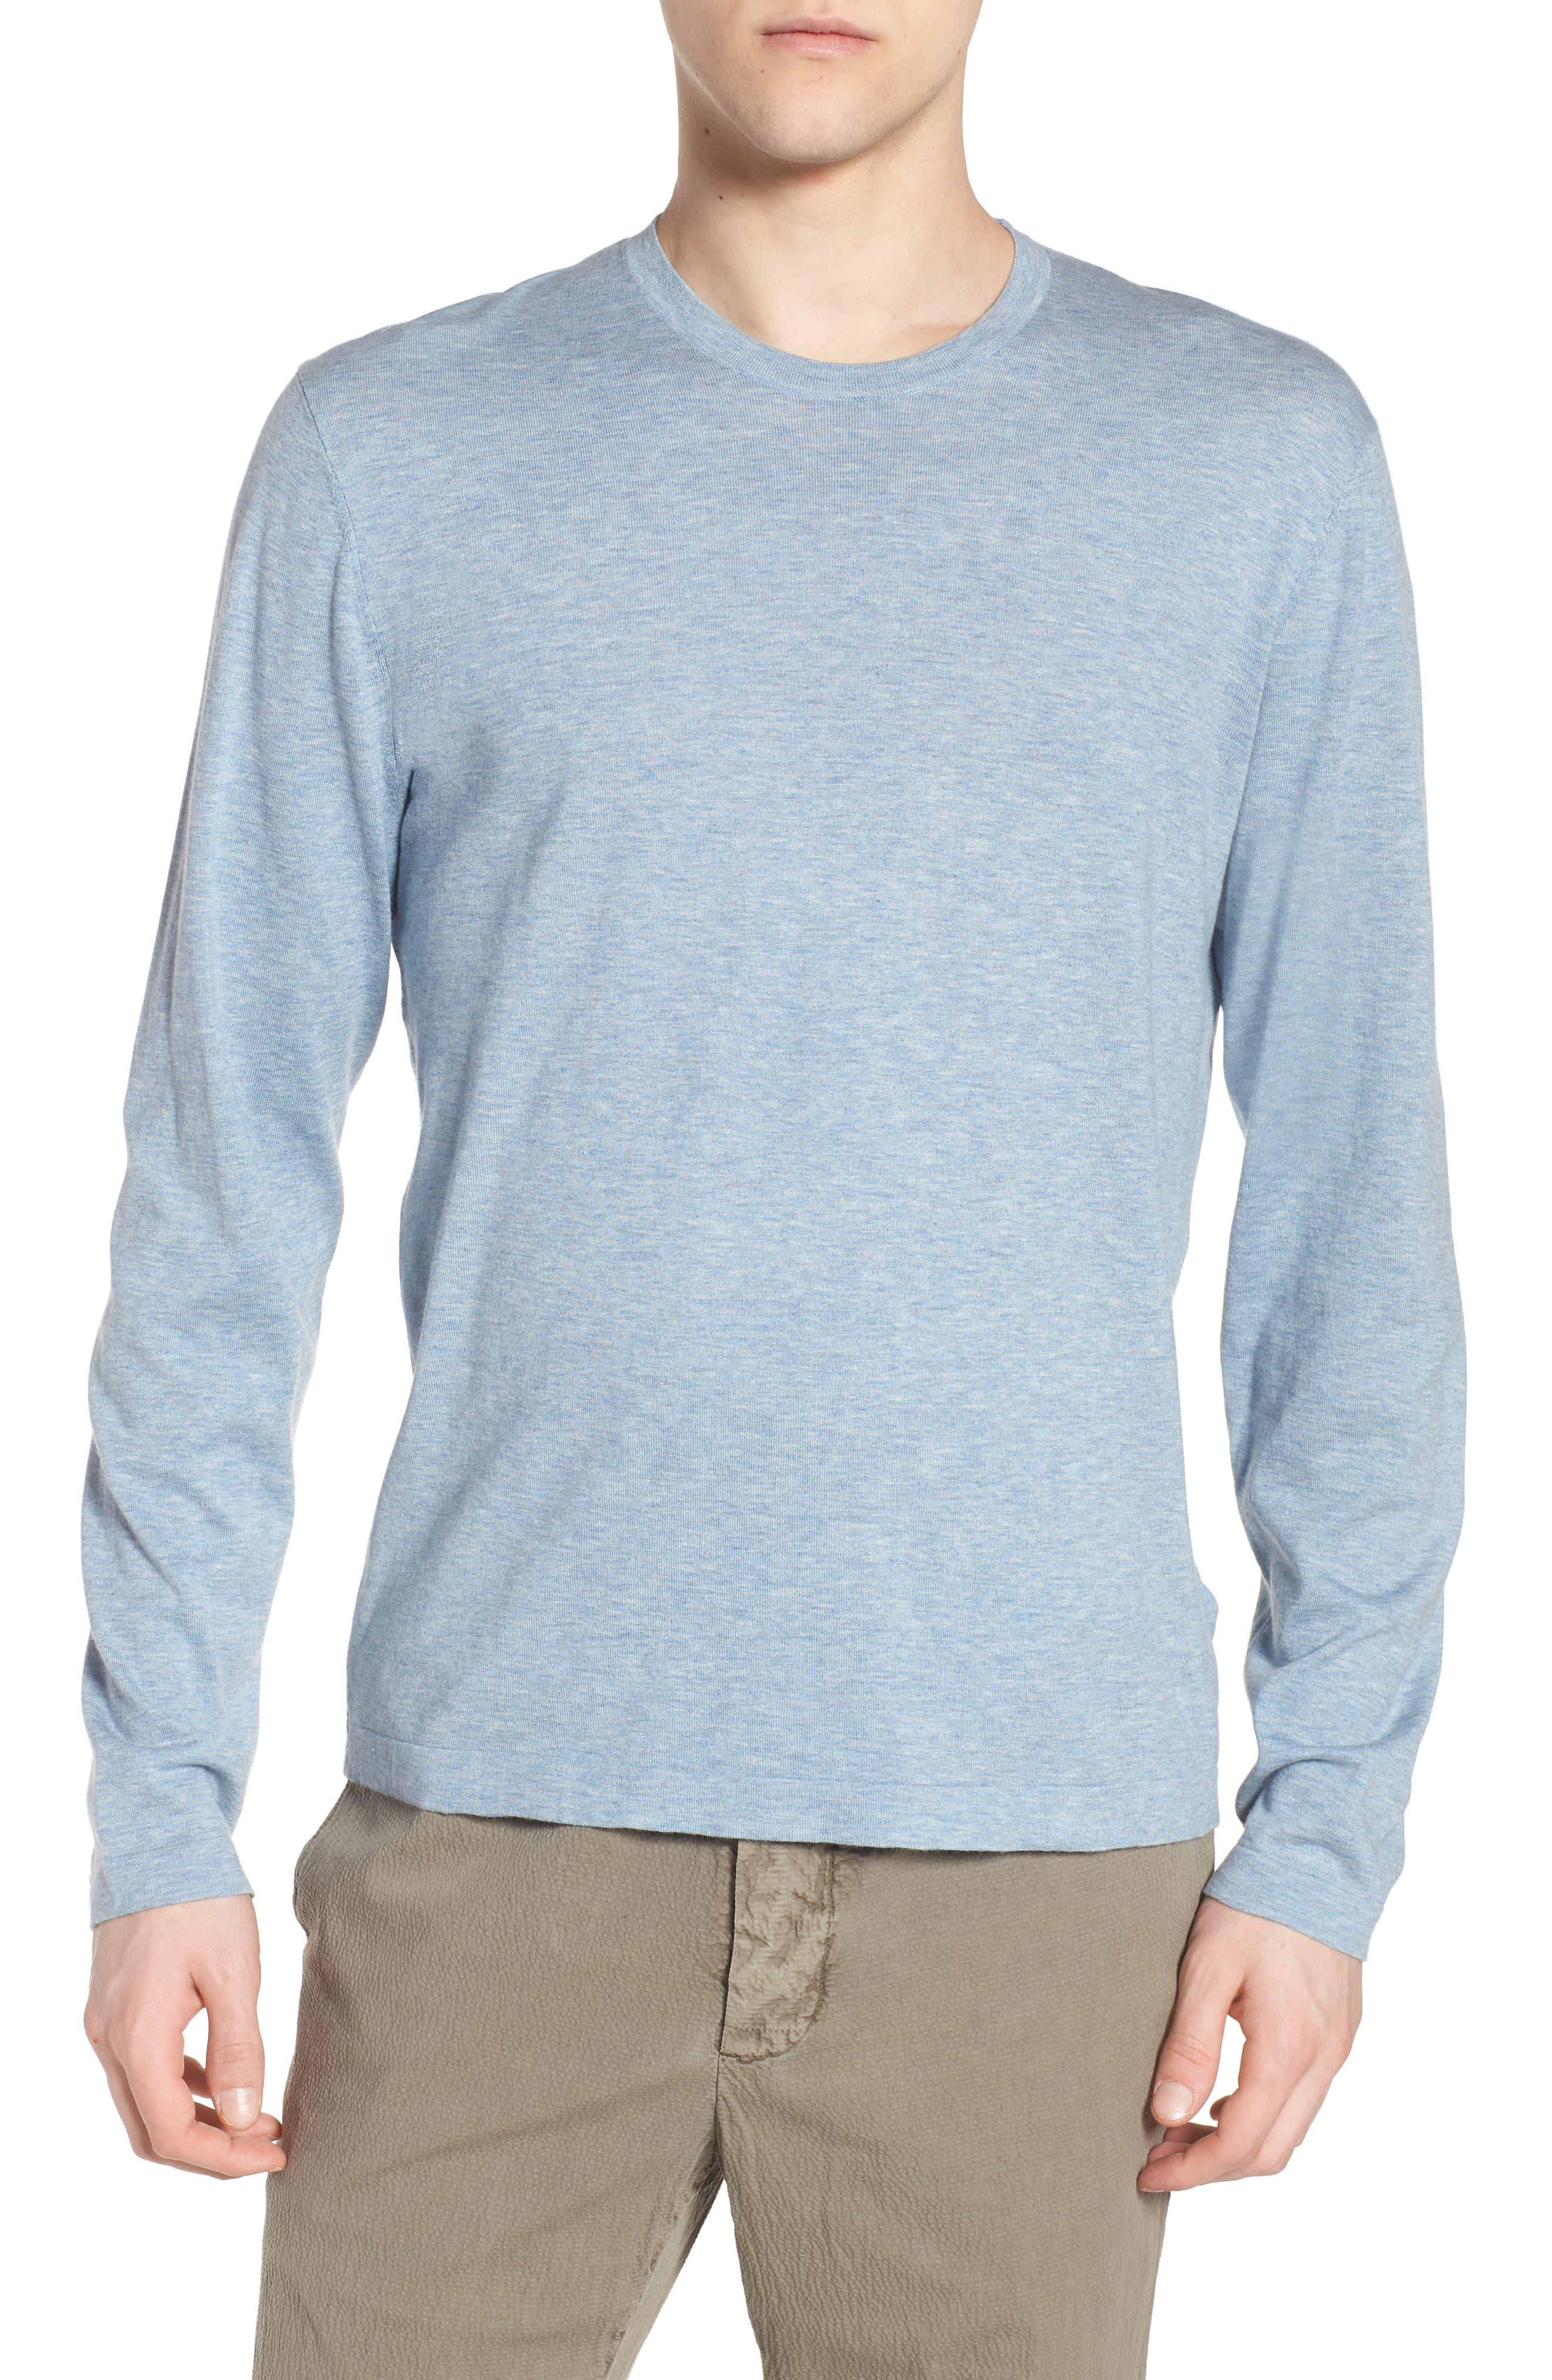 Fine Gauge Crewneck Sweater,                             Main thumbnail 1, color,                             Heather Sky Blue